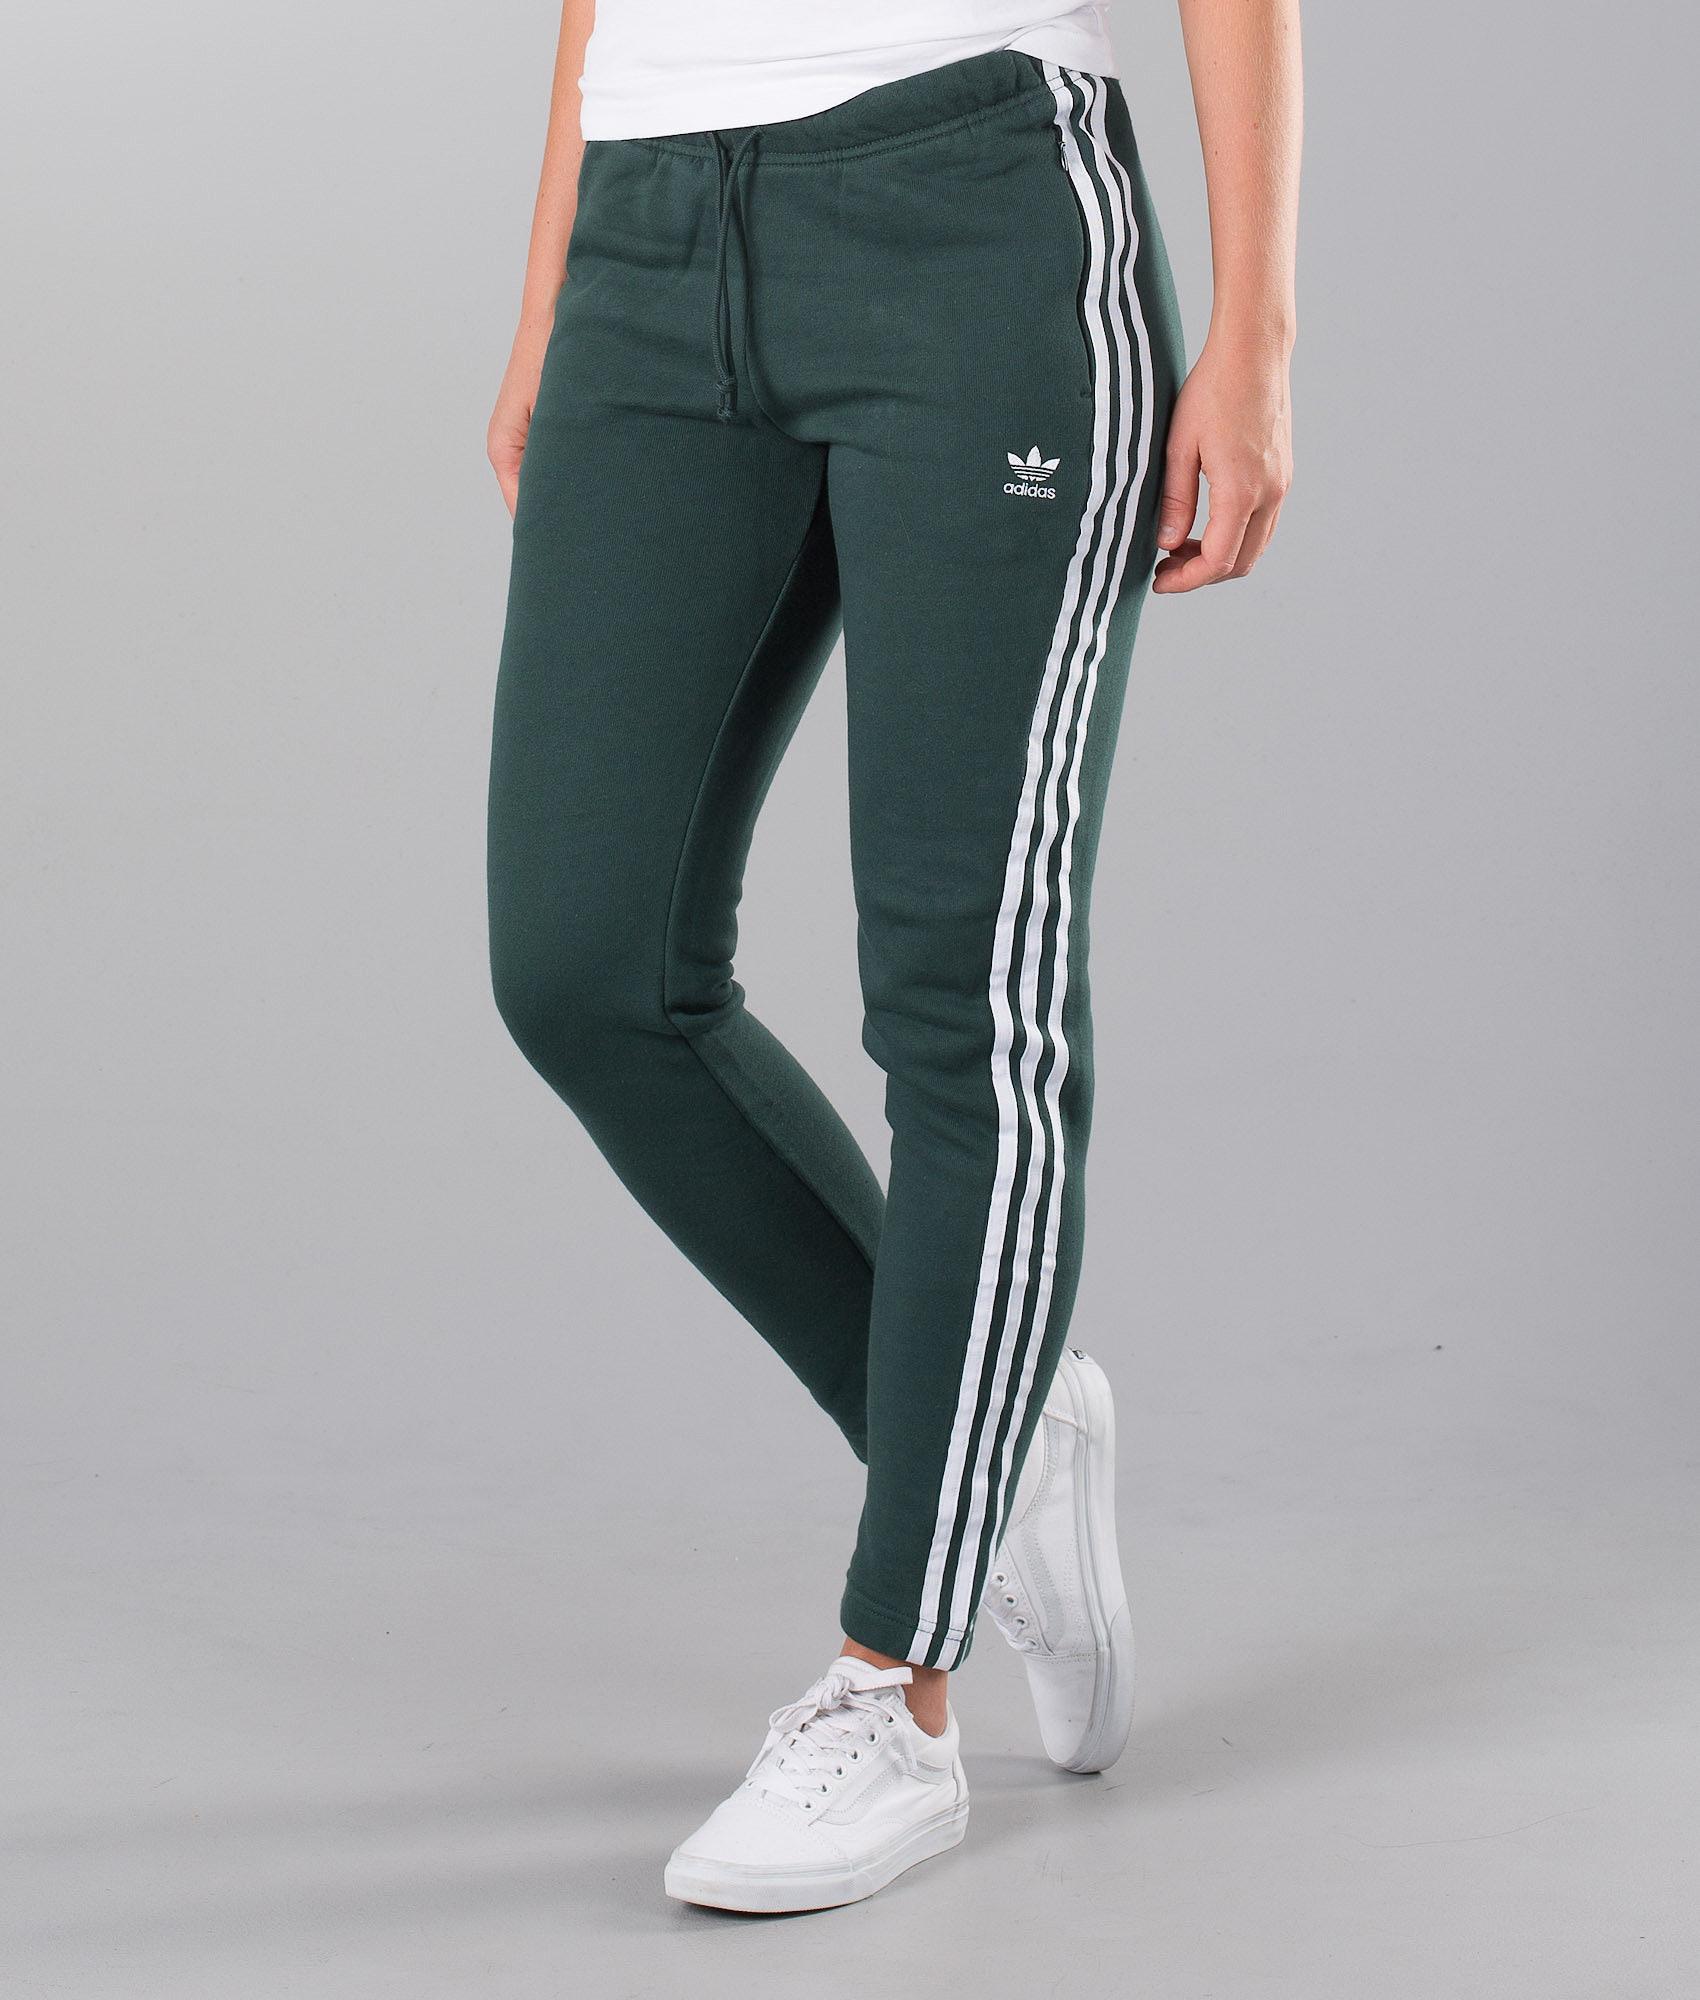 Adidas Originals Regular Tp Cuf Pants Mineral Green - Ridestore.com 6f4374848f5e